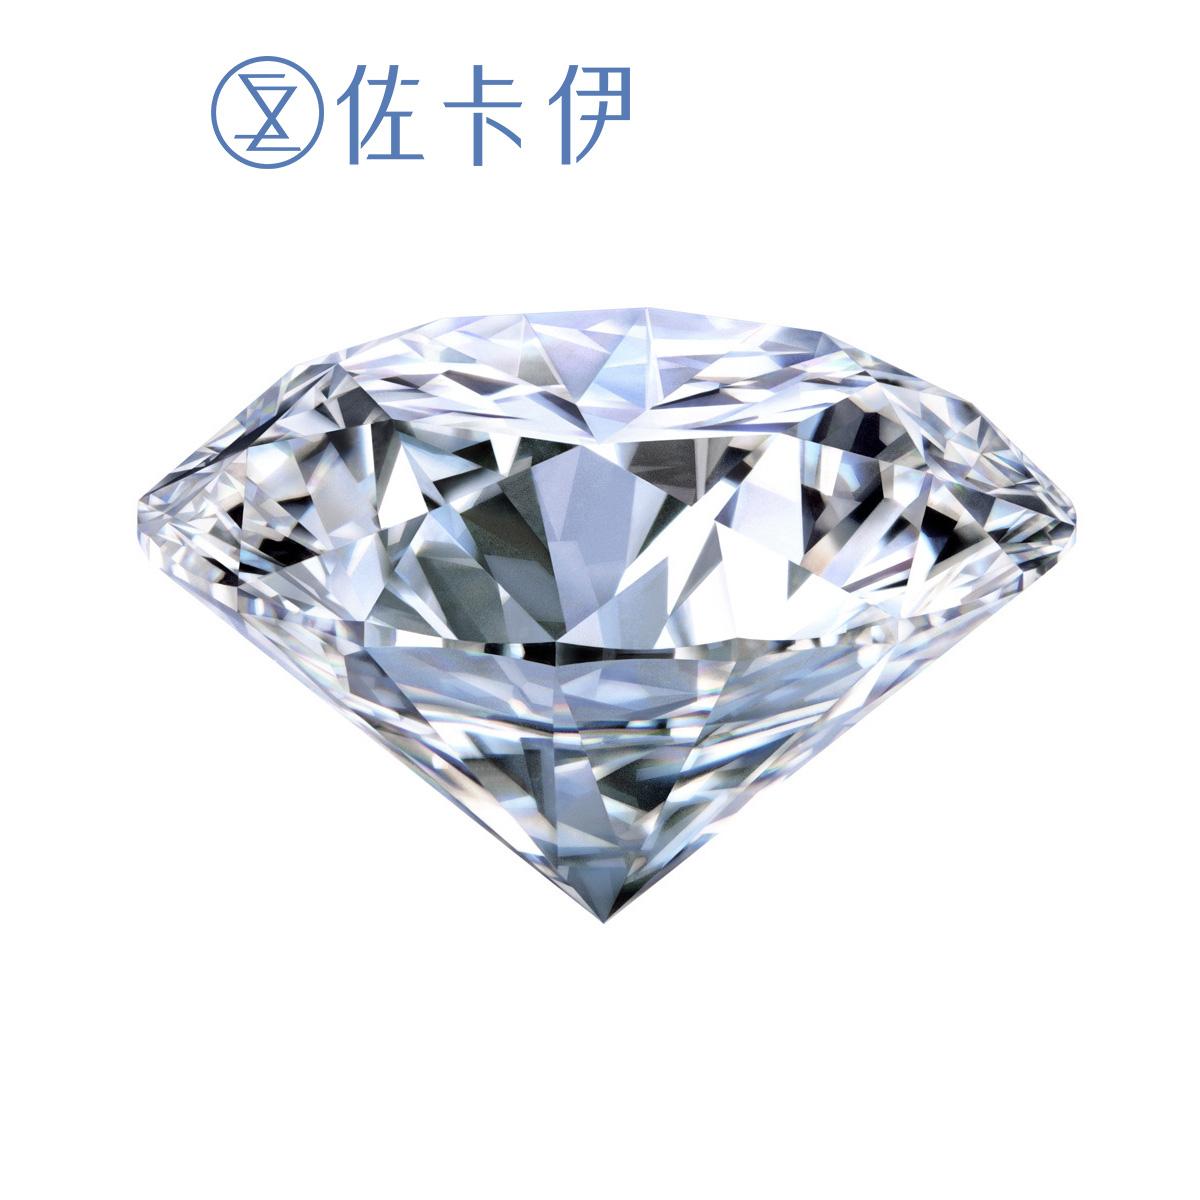 Помощник карта ирак GIA бриллиантов 30 для 50 филиал 1 карат алмаз кольцо сделанный на заказ выйти замуж предлагать бриллиантовое кольцо женщина подлинный ювелирные изделия